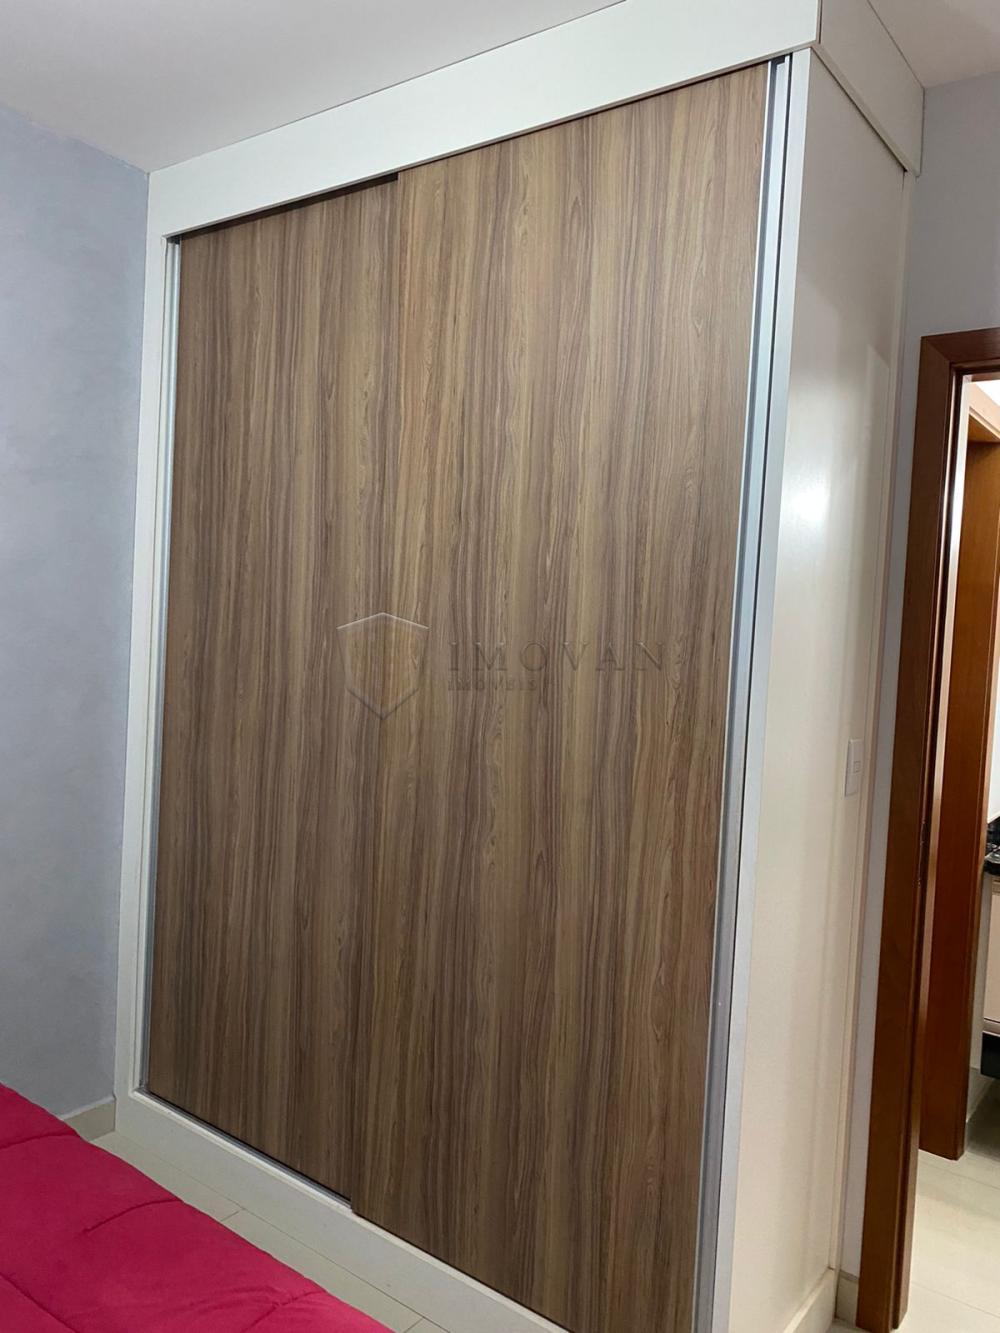 Comprar Apartamento / Padrão em Ribeirão Preto R$ 250.000,00 - Foto 12